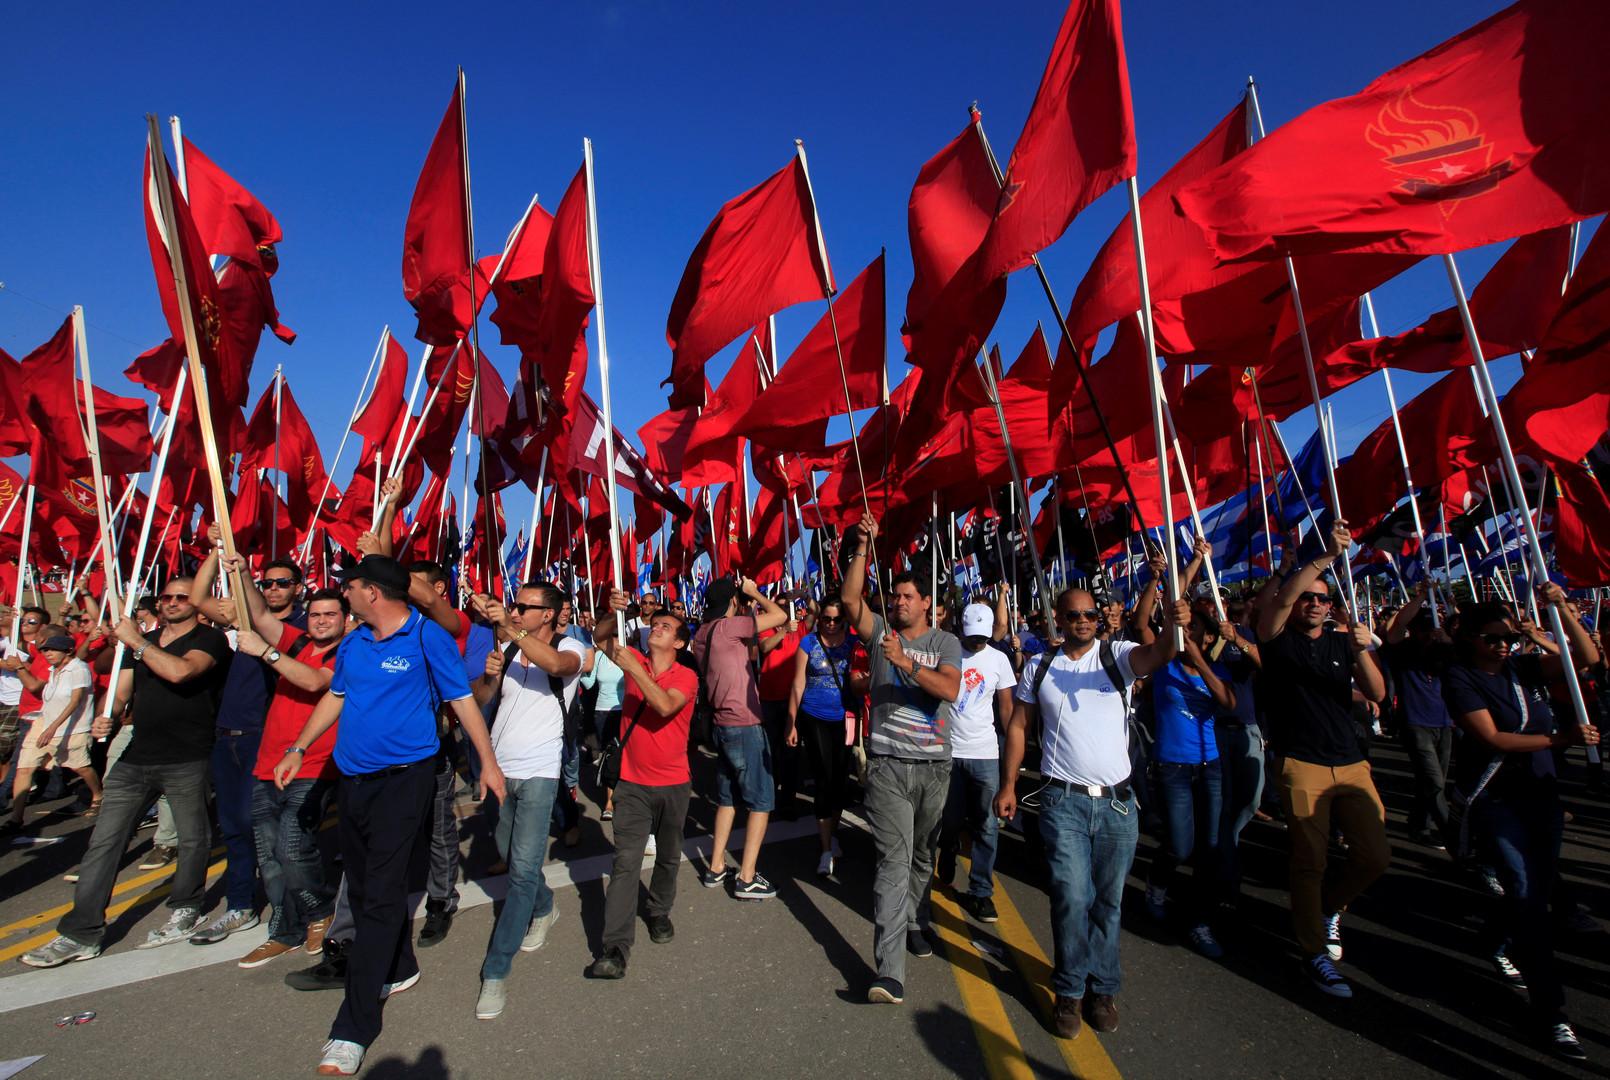 Bildergalerie zum Kampftag 1. Mai: Demonstrationen weltweit